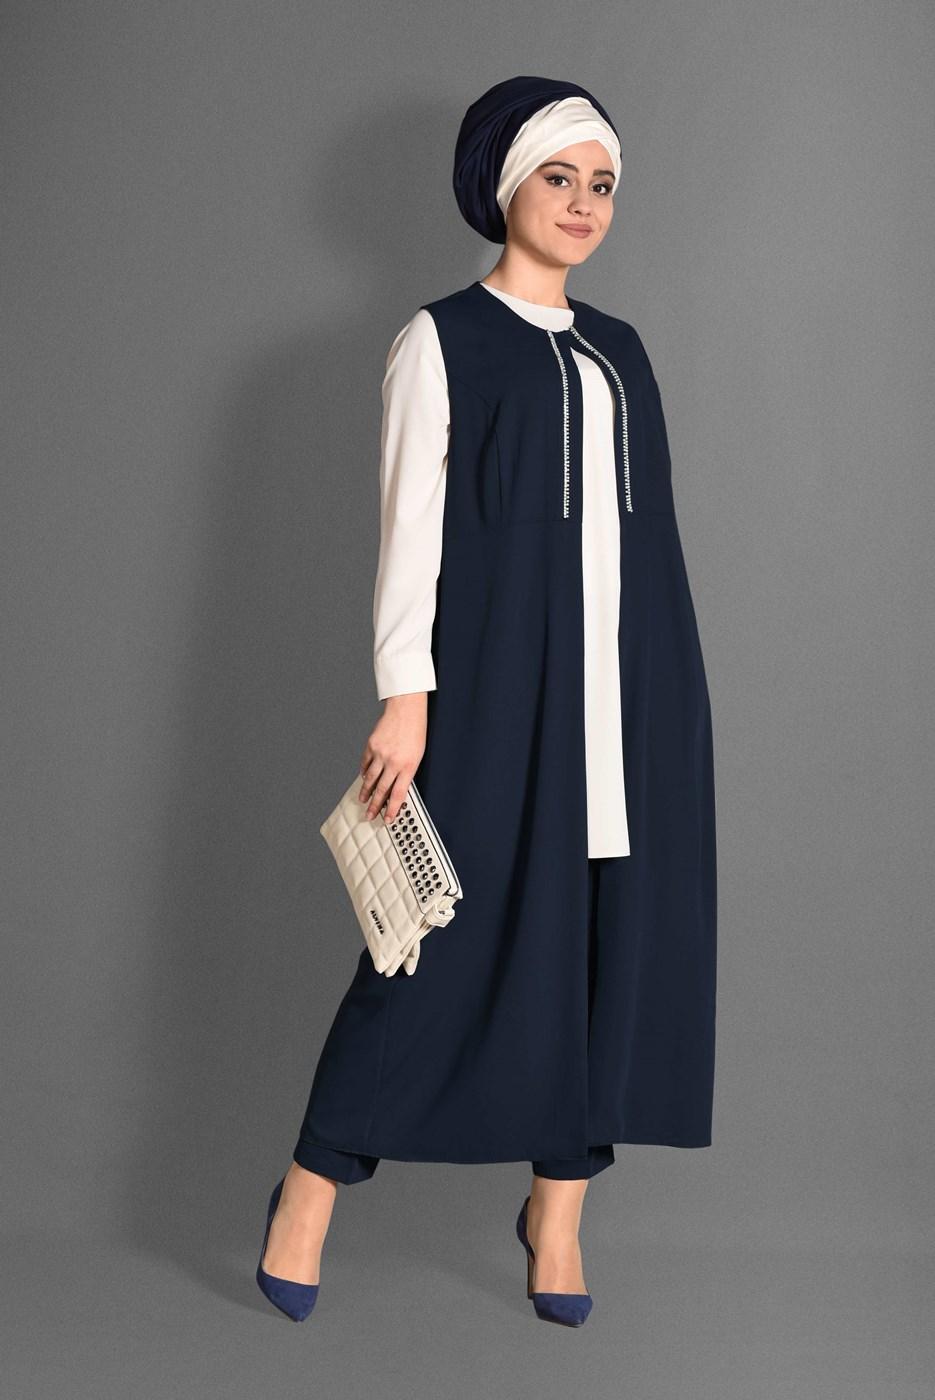 Femelle BLEU MARINE T 3362P-1 Aslı 5929 3′lü pant.Takım-Alv Fashion